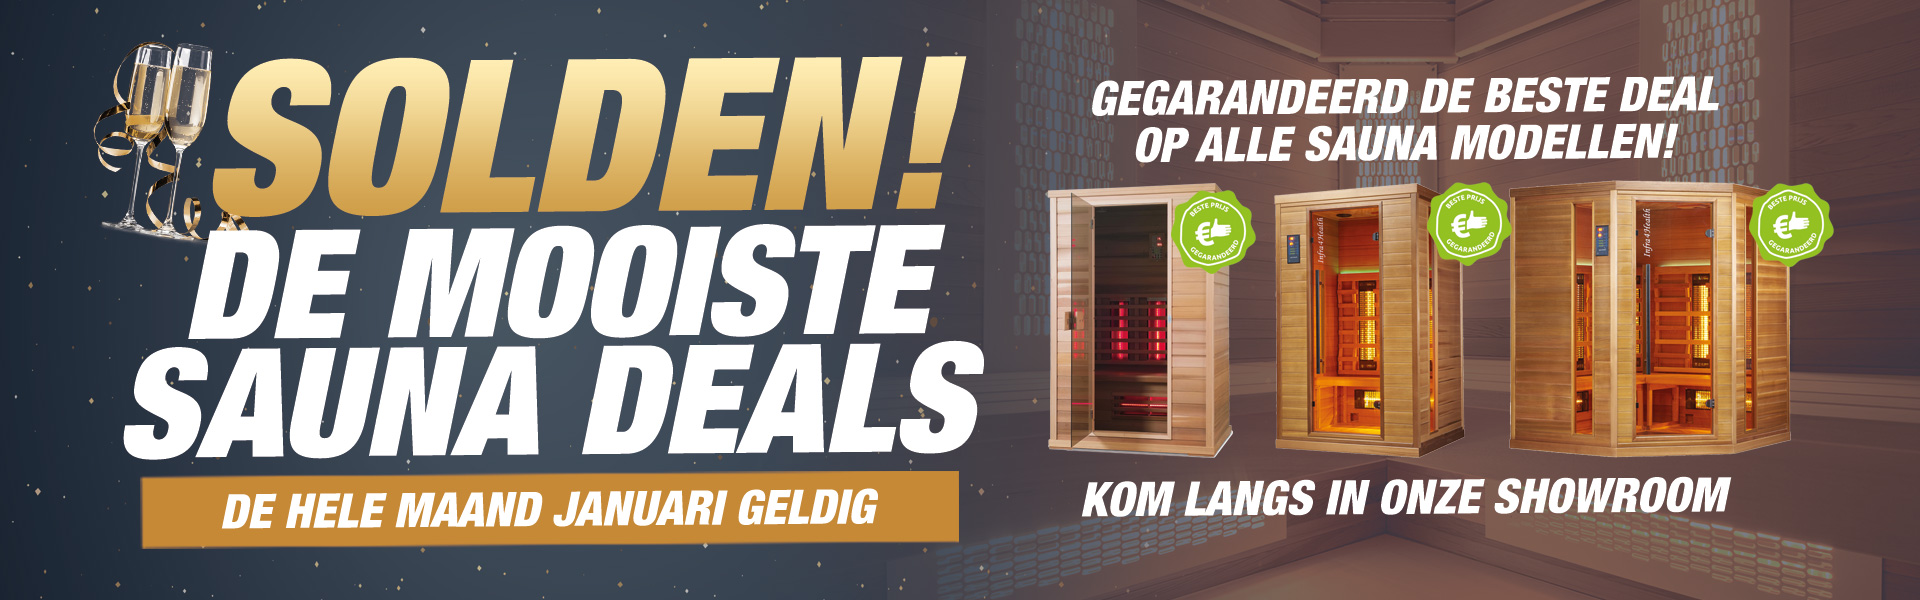 Sauna kopen? Profiteer van onze Solden deals